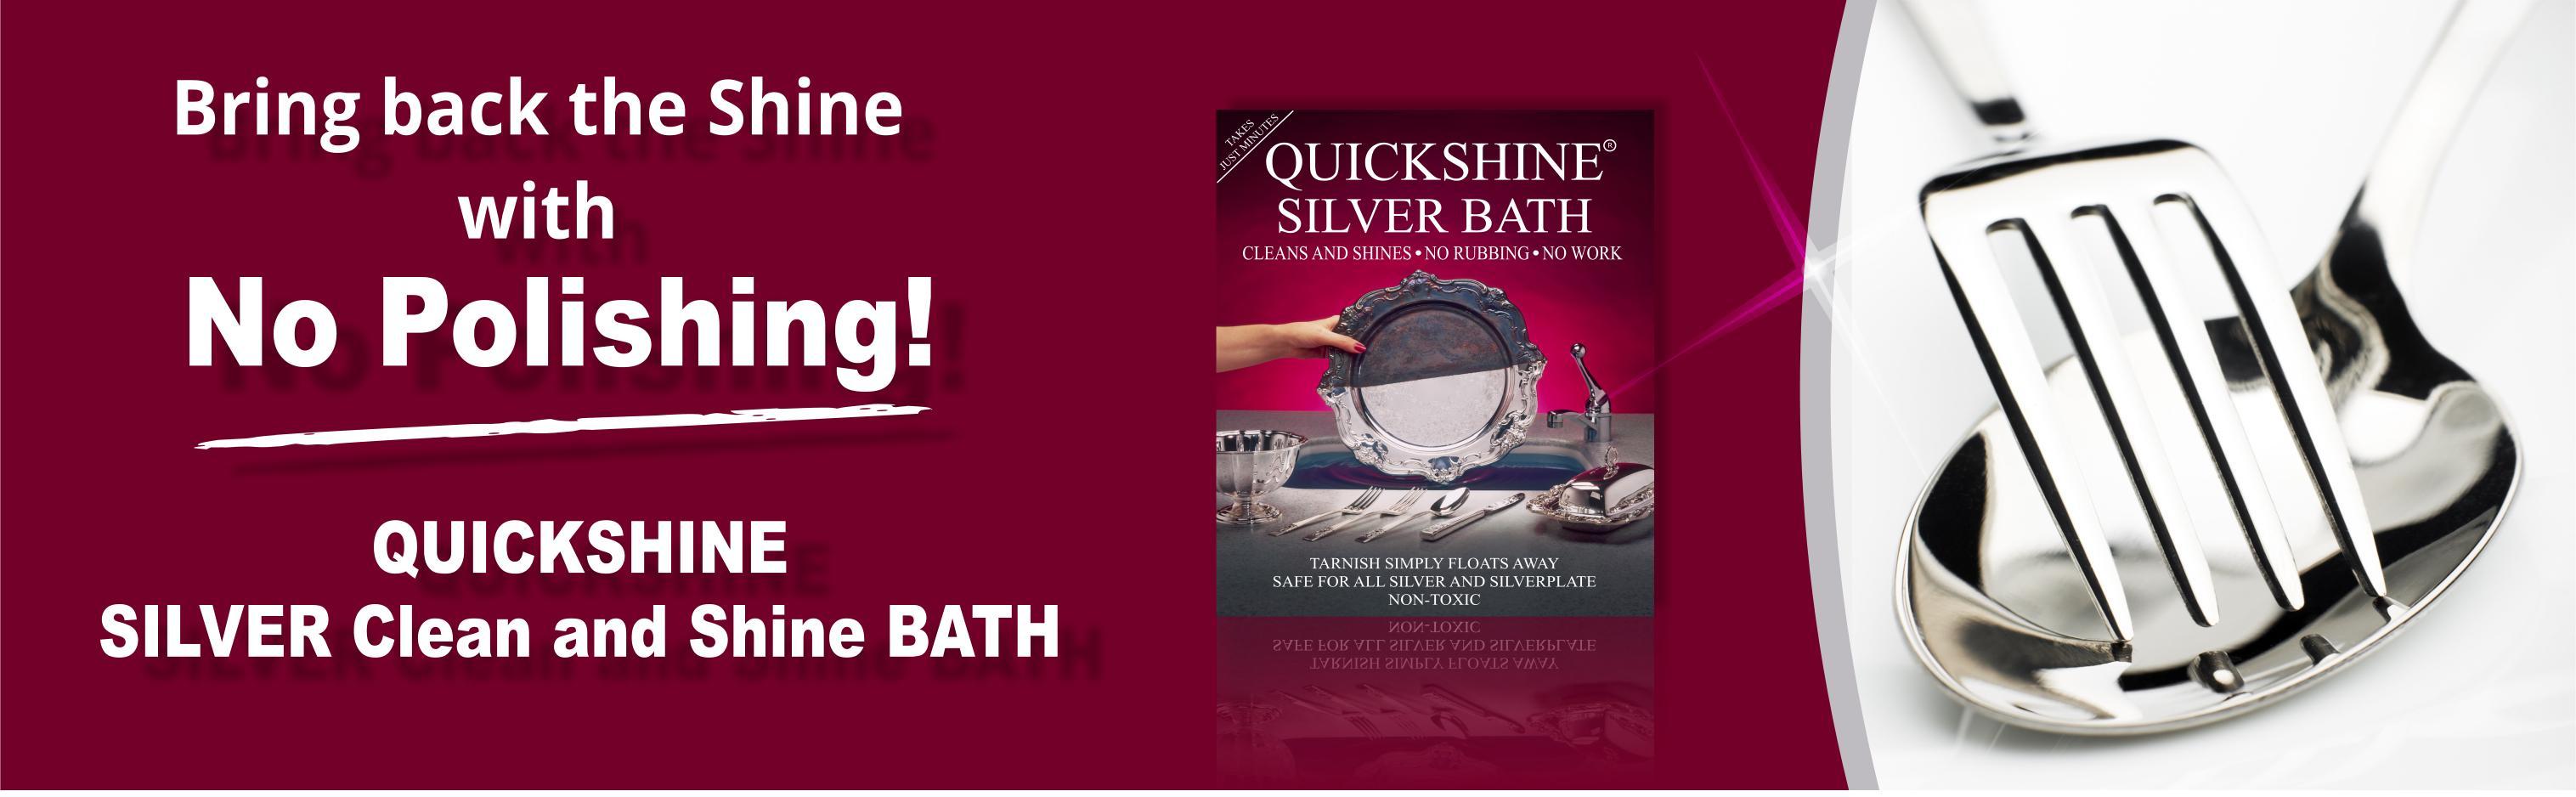 Quickshine Silver Bath